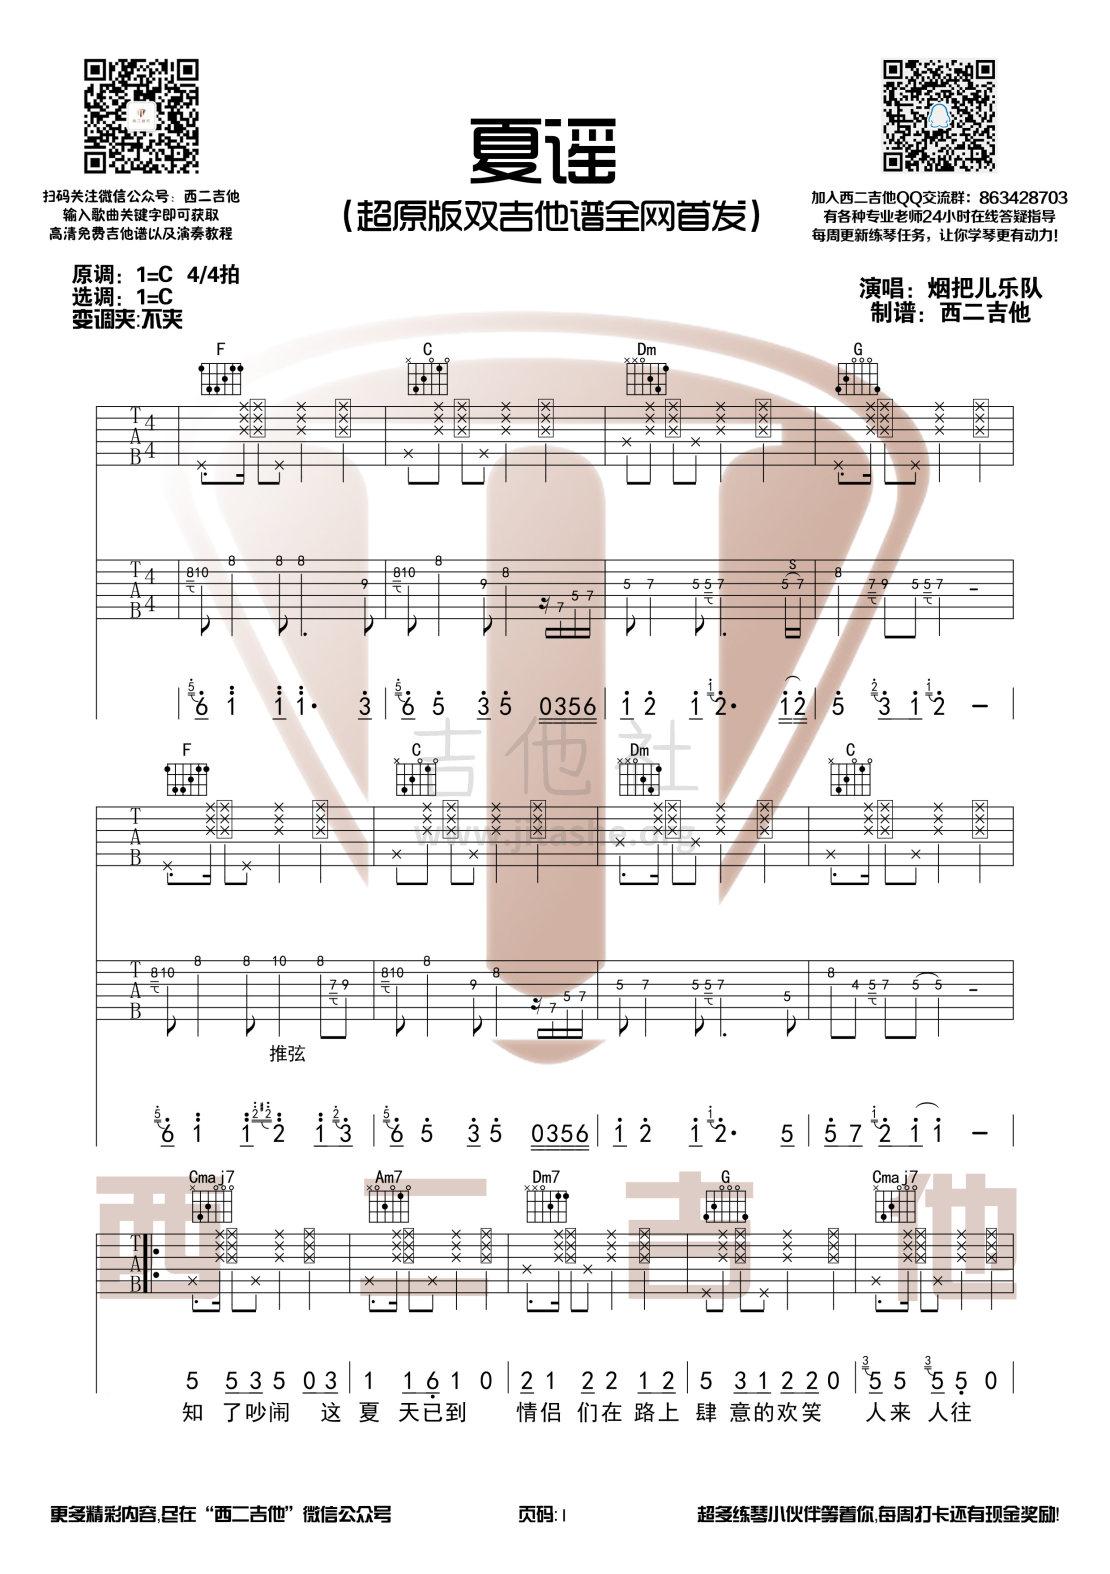 夏谣(超原版吉他谱全网首发!【西二吉他】)吉他谱(图片谱,西二吉他,原版吉他谱,弹唱)_烟把儿乐队_夏谣1.jpg